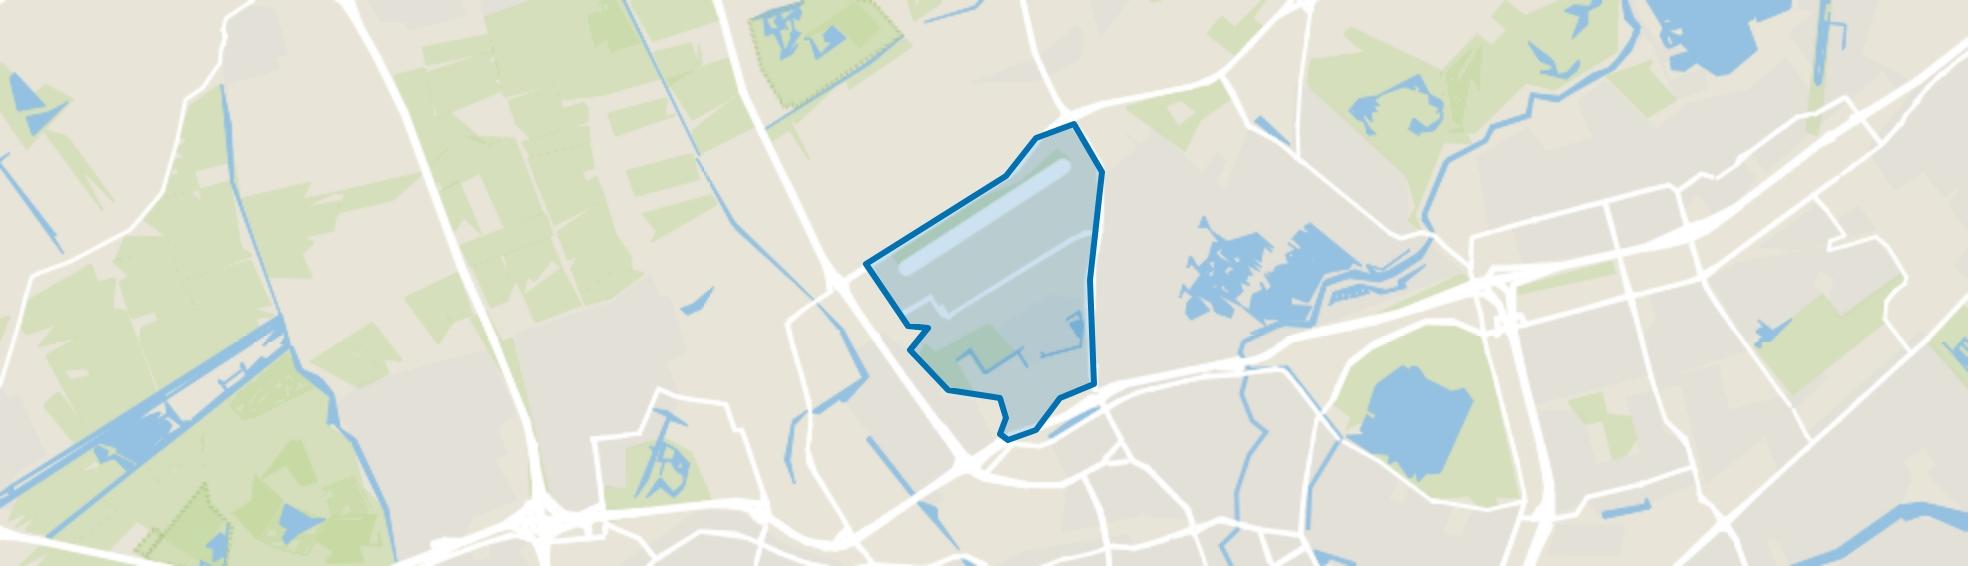 Zestienhoven, Rotterdam map